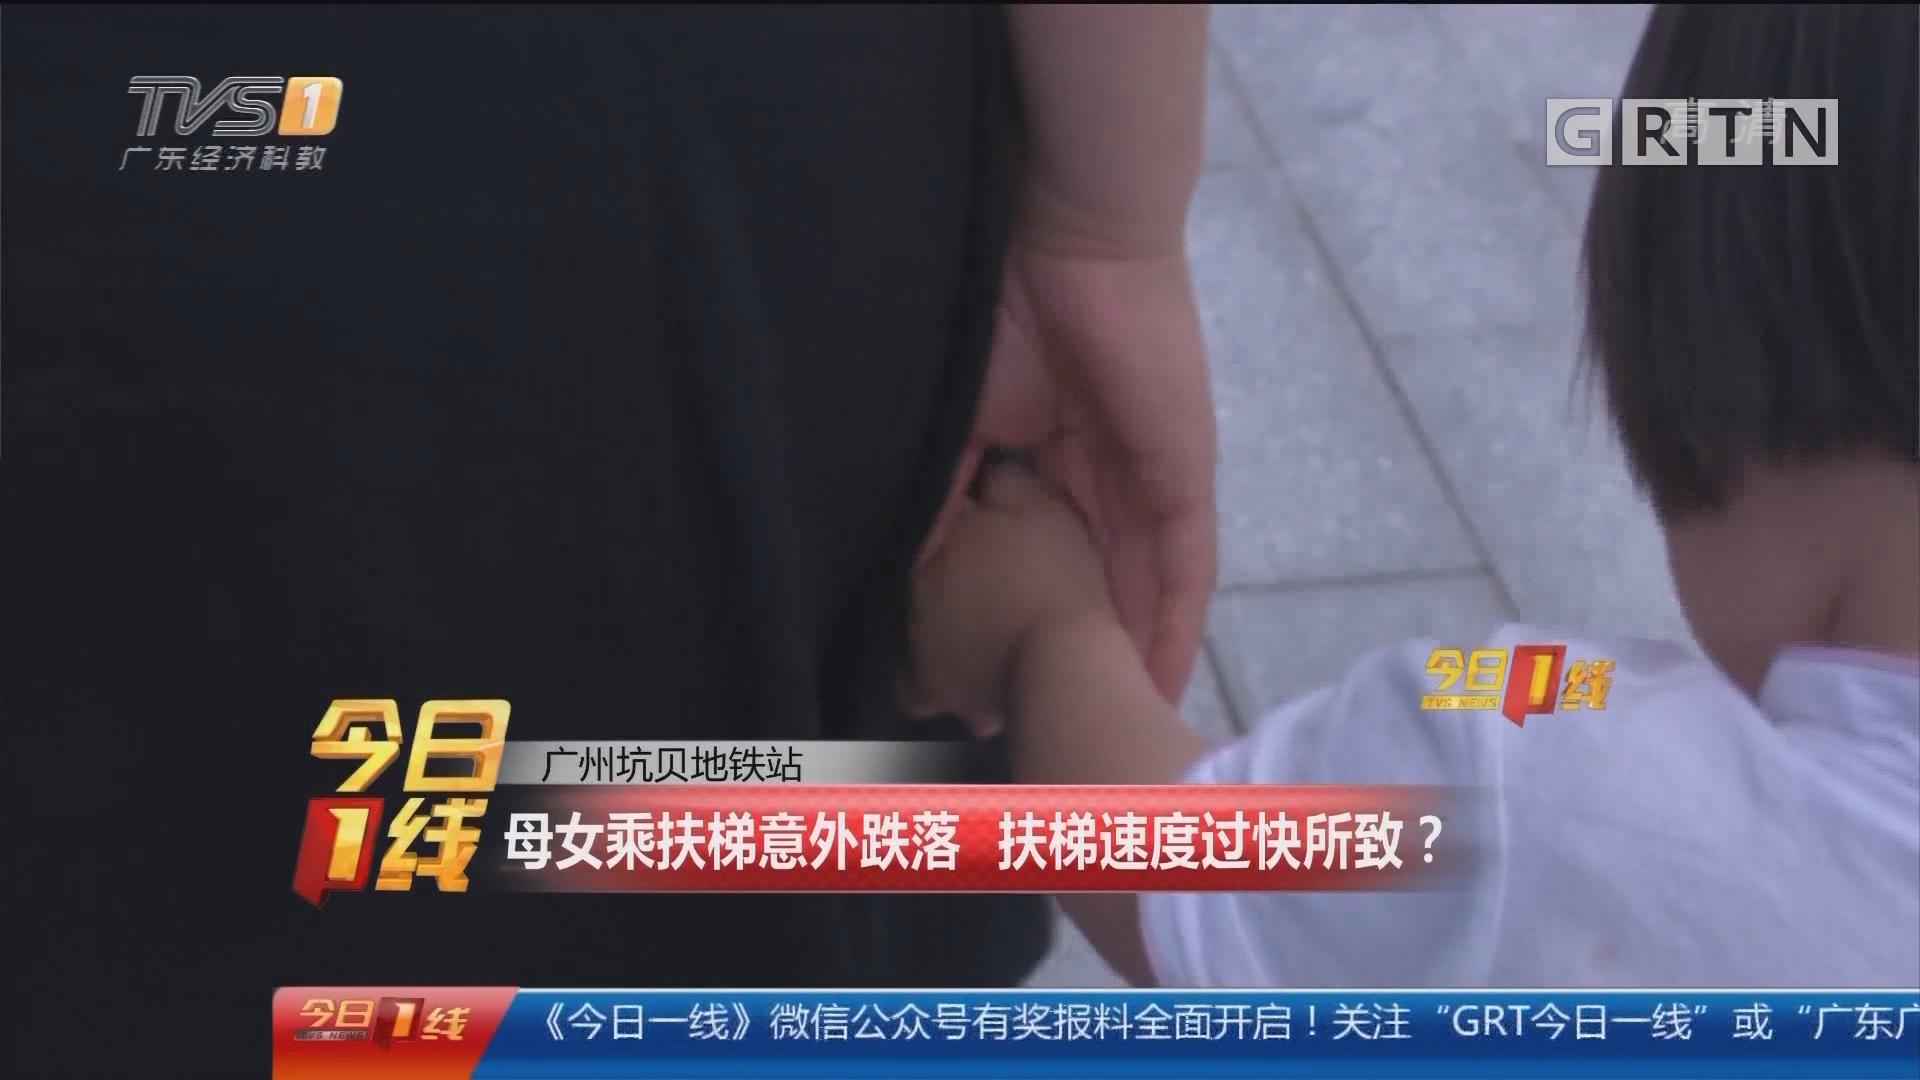 广州坑贝地铁站:母女乘扶梯意外跌落 扶梯速度过快所致?